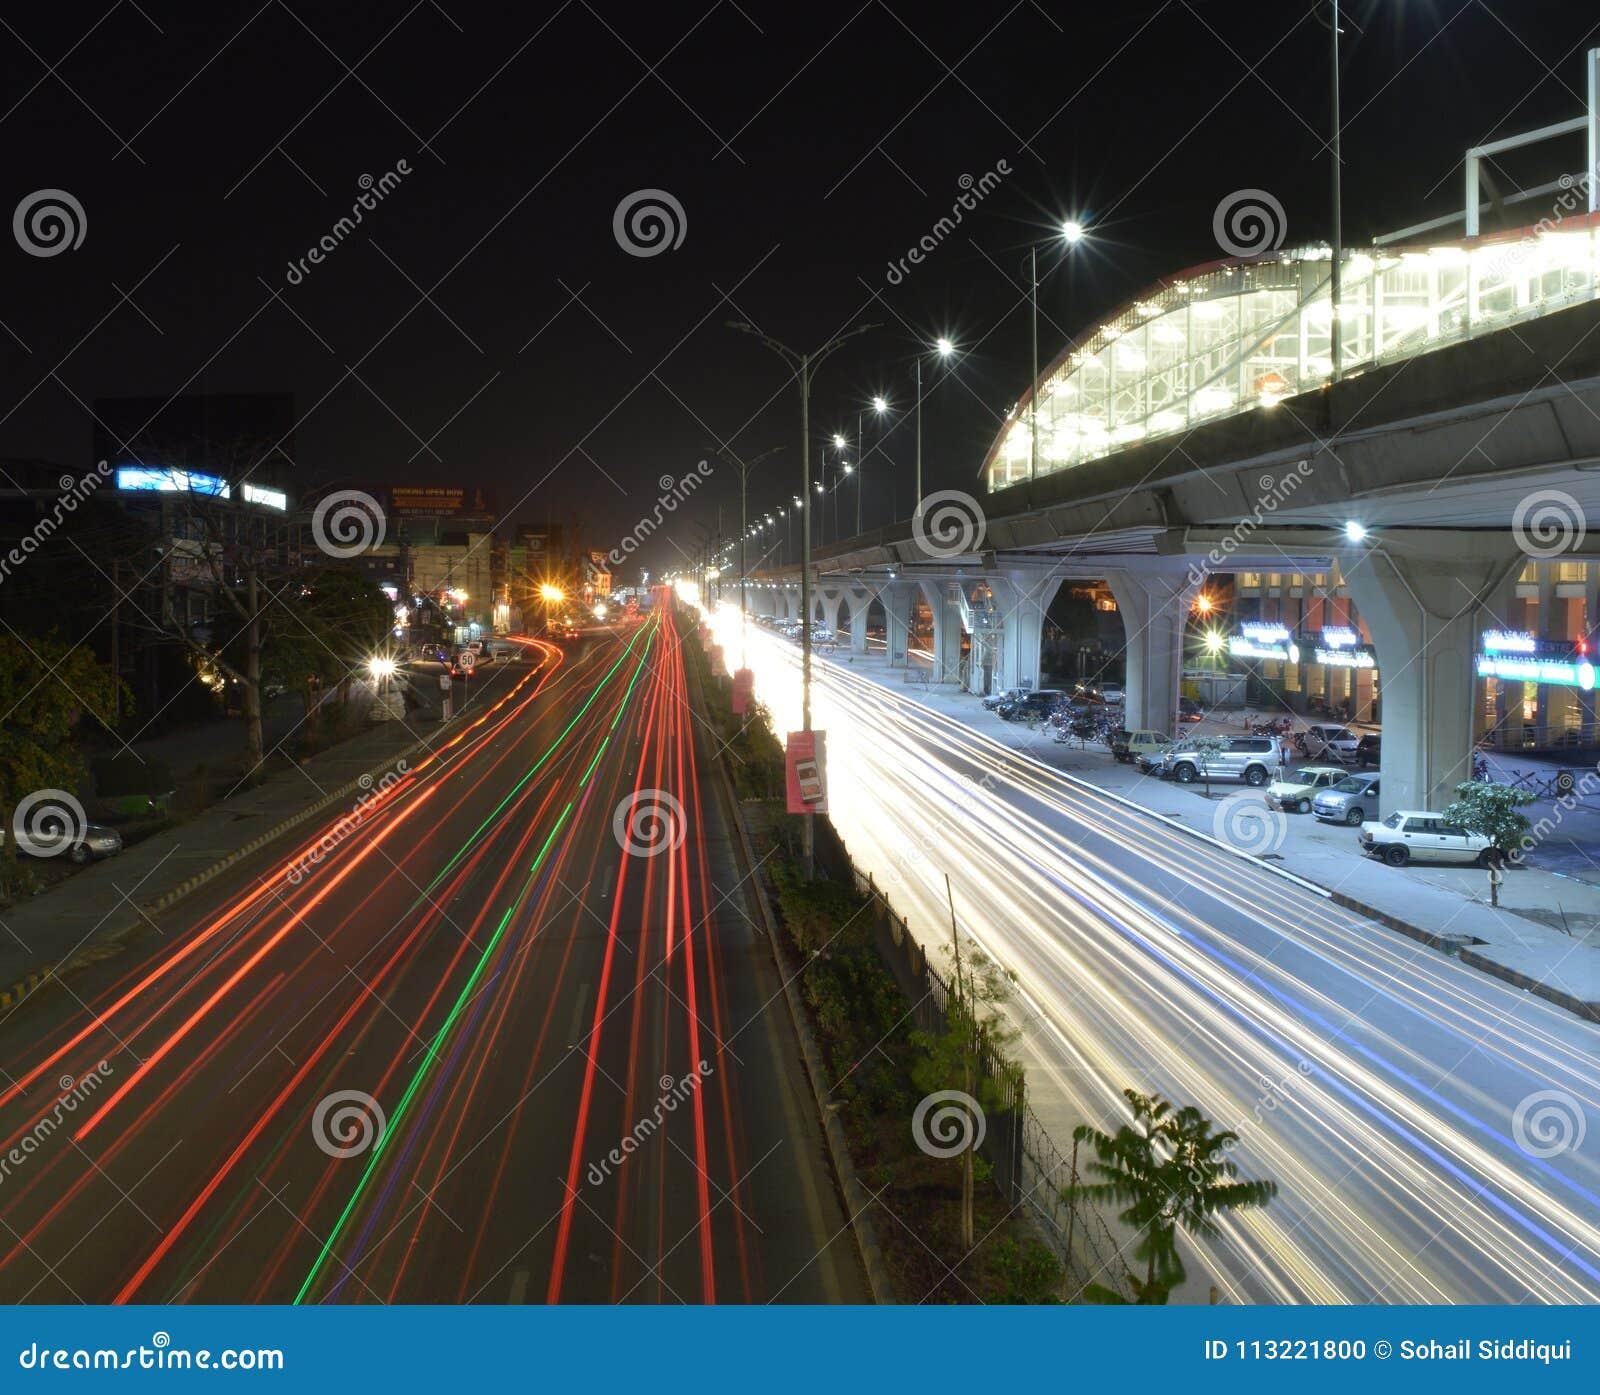 Ciudad de luces